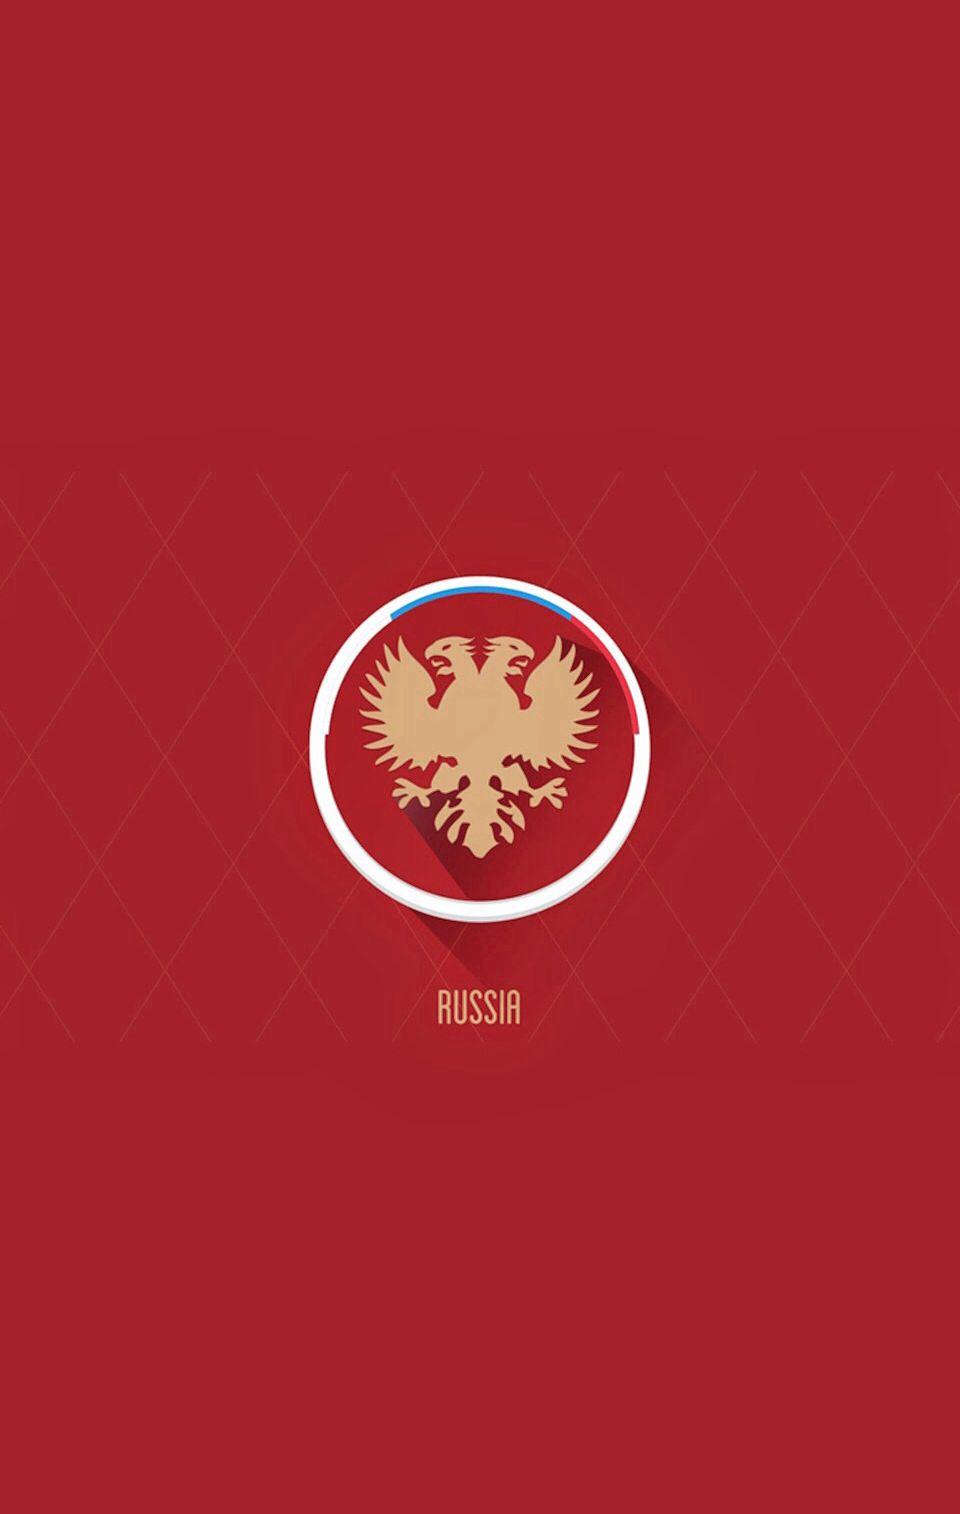 World Cup Russia Fondo De Pantalla Para Telefonos Dragon Ball Z Fondos De Pantalla